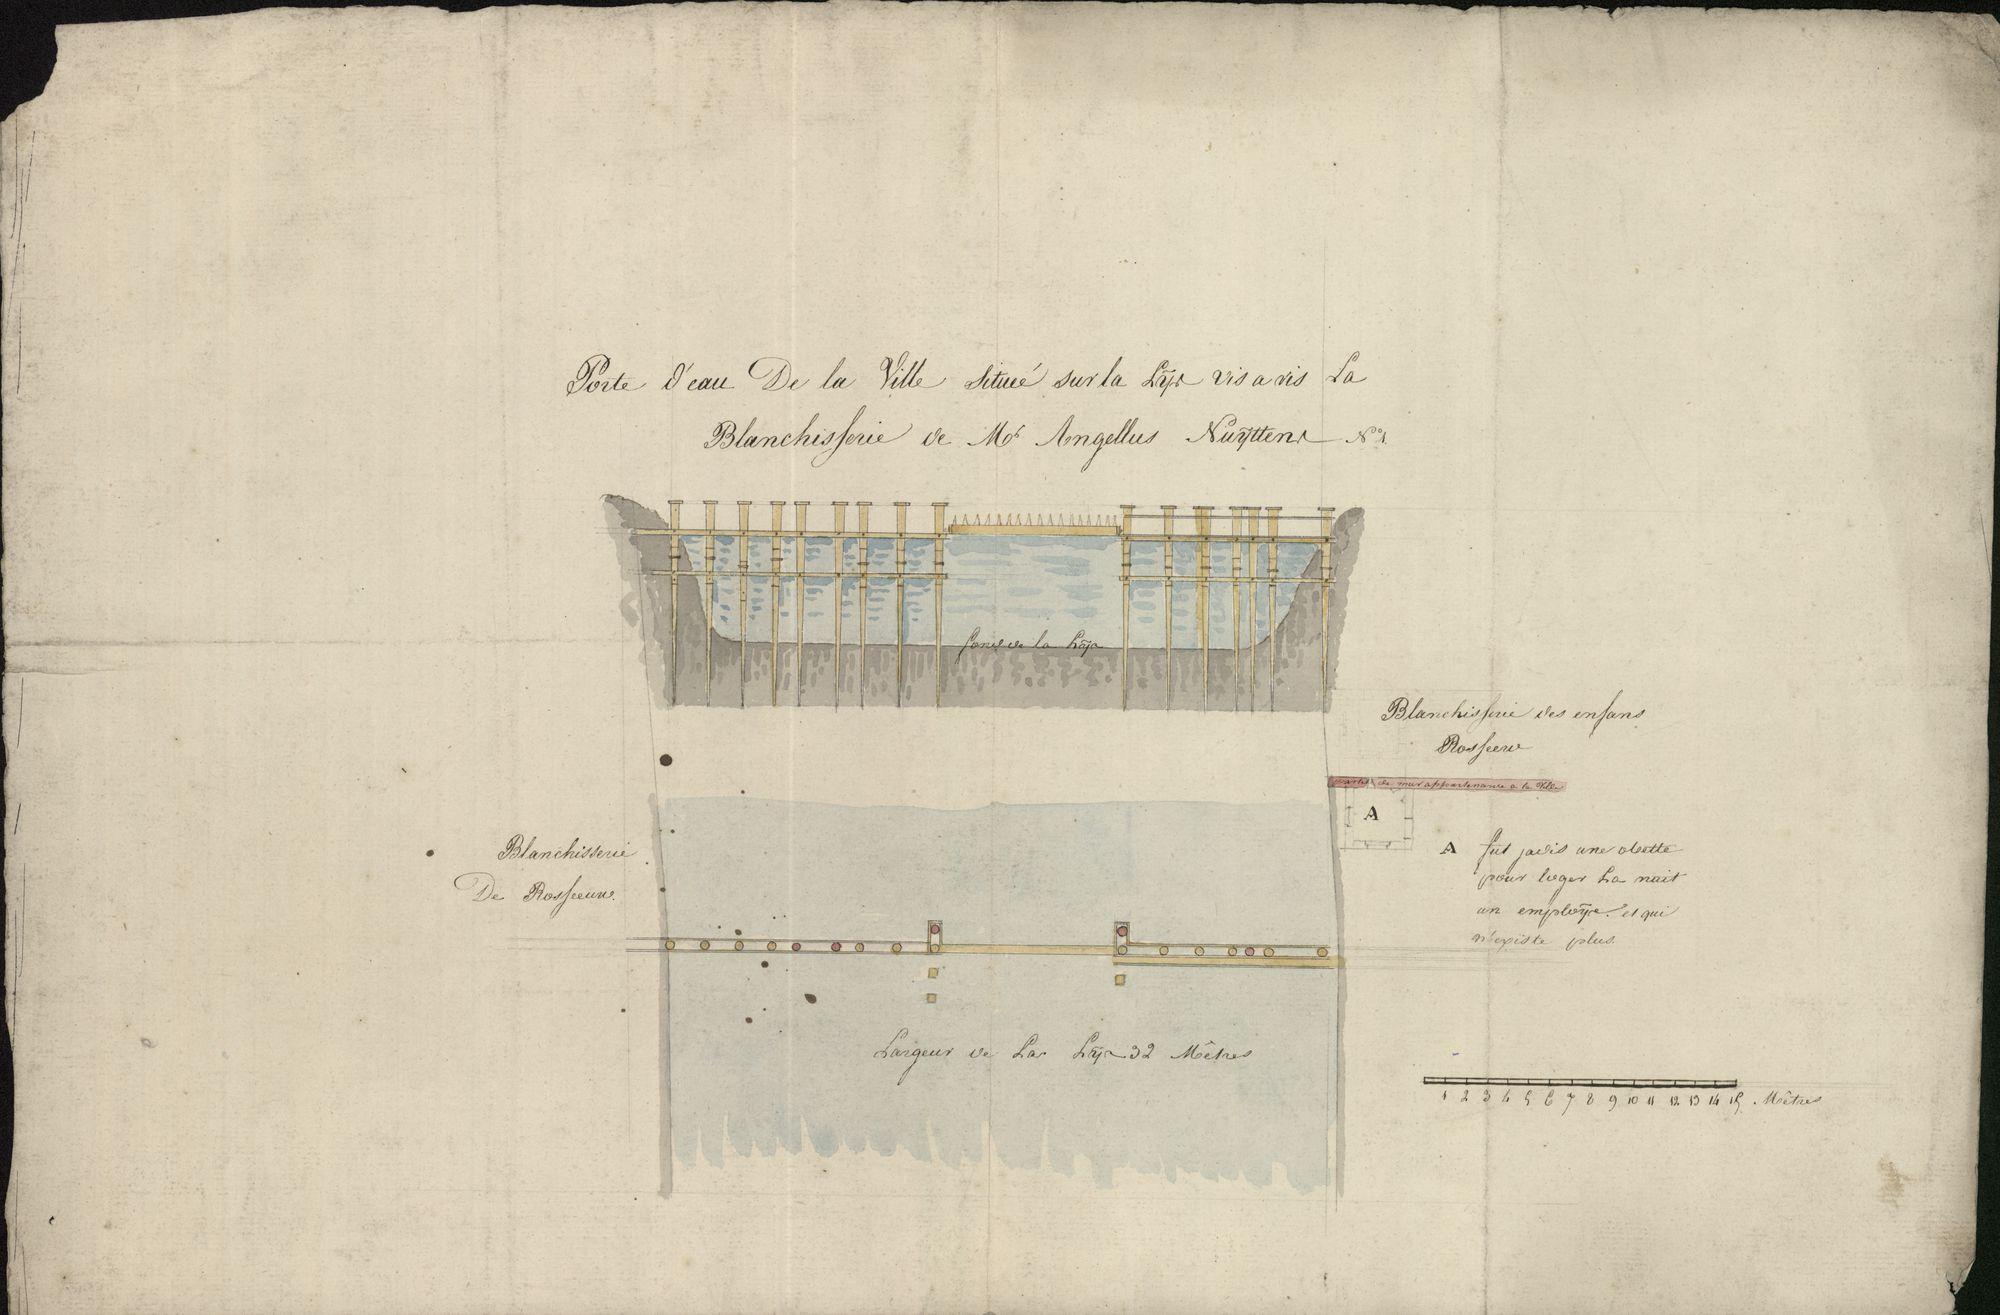 Bouwplan van de Waterpoort op de Leie t.o.v. de blekerij van de kinderen Rosseeuw en Angelus Nuyttens te Kortrijk, 1ste helft 19de eeuw